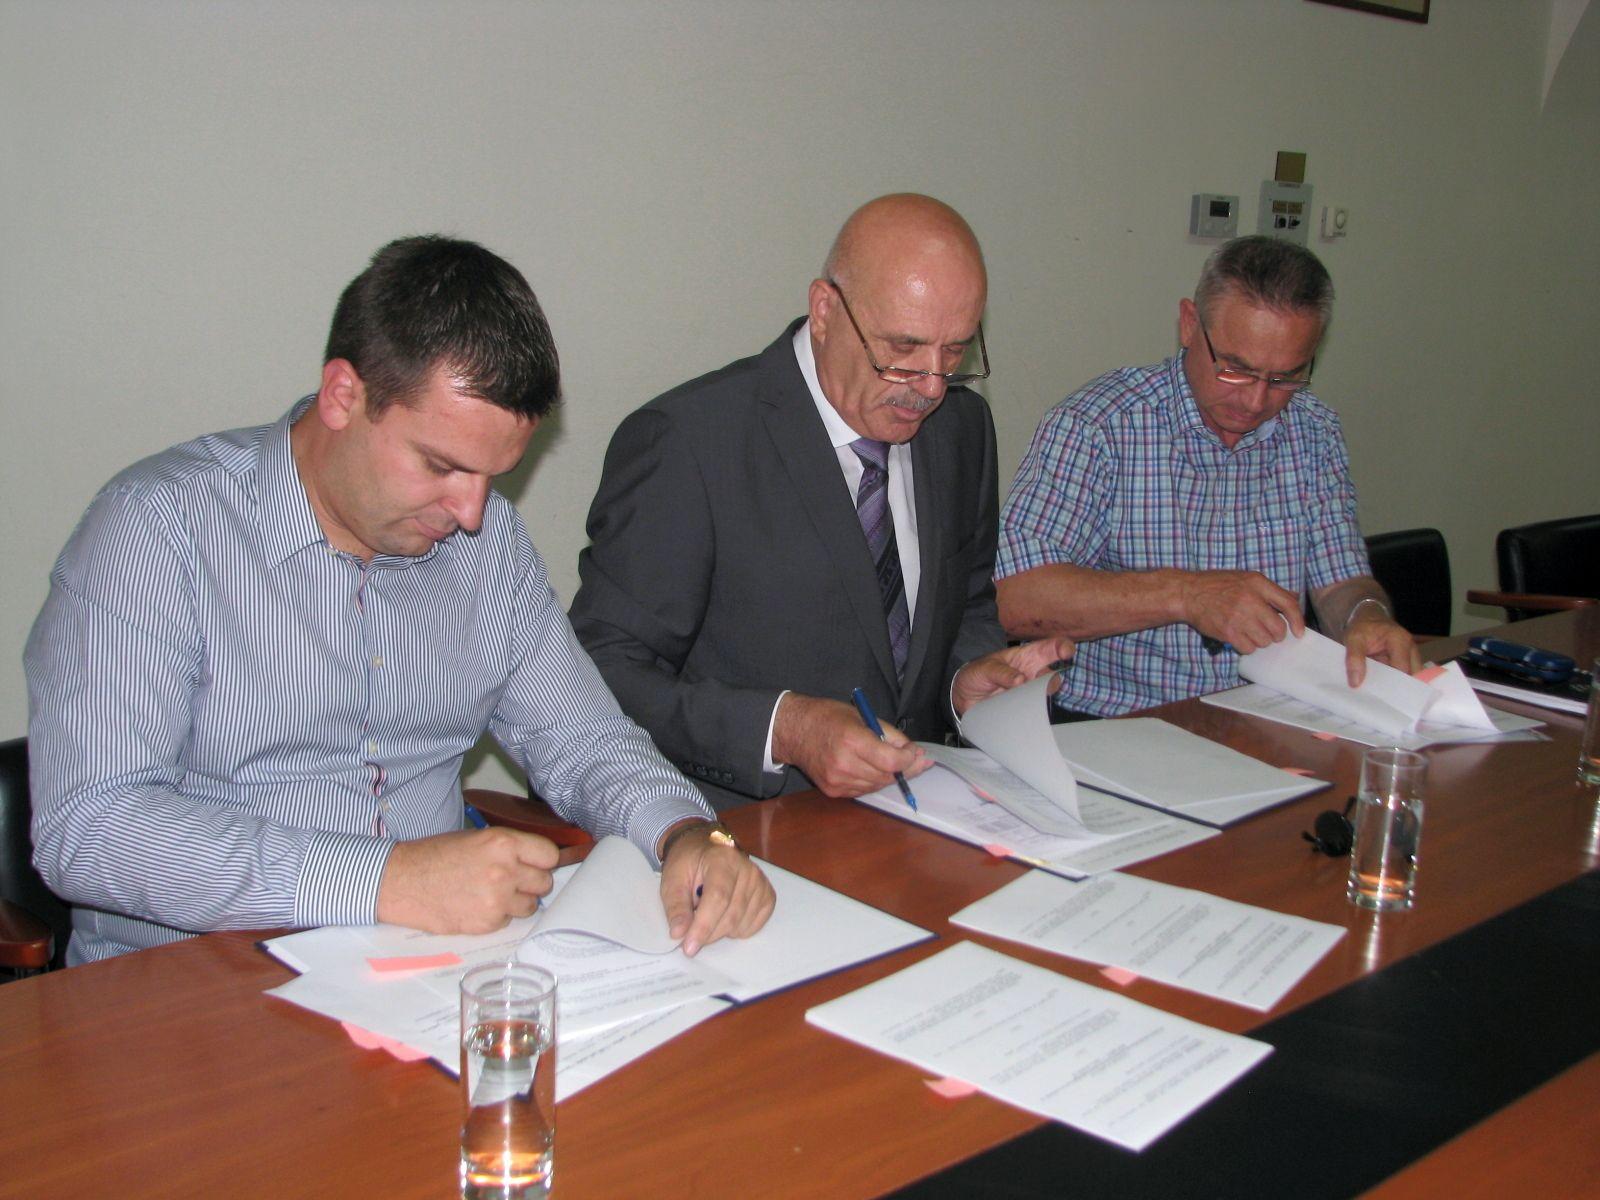 Grad Bjelovar potpisao ugovor s Čazmatrans - Nova d. o. o. za prijevoz učenika osnovnih škola u 2017./2018.